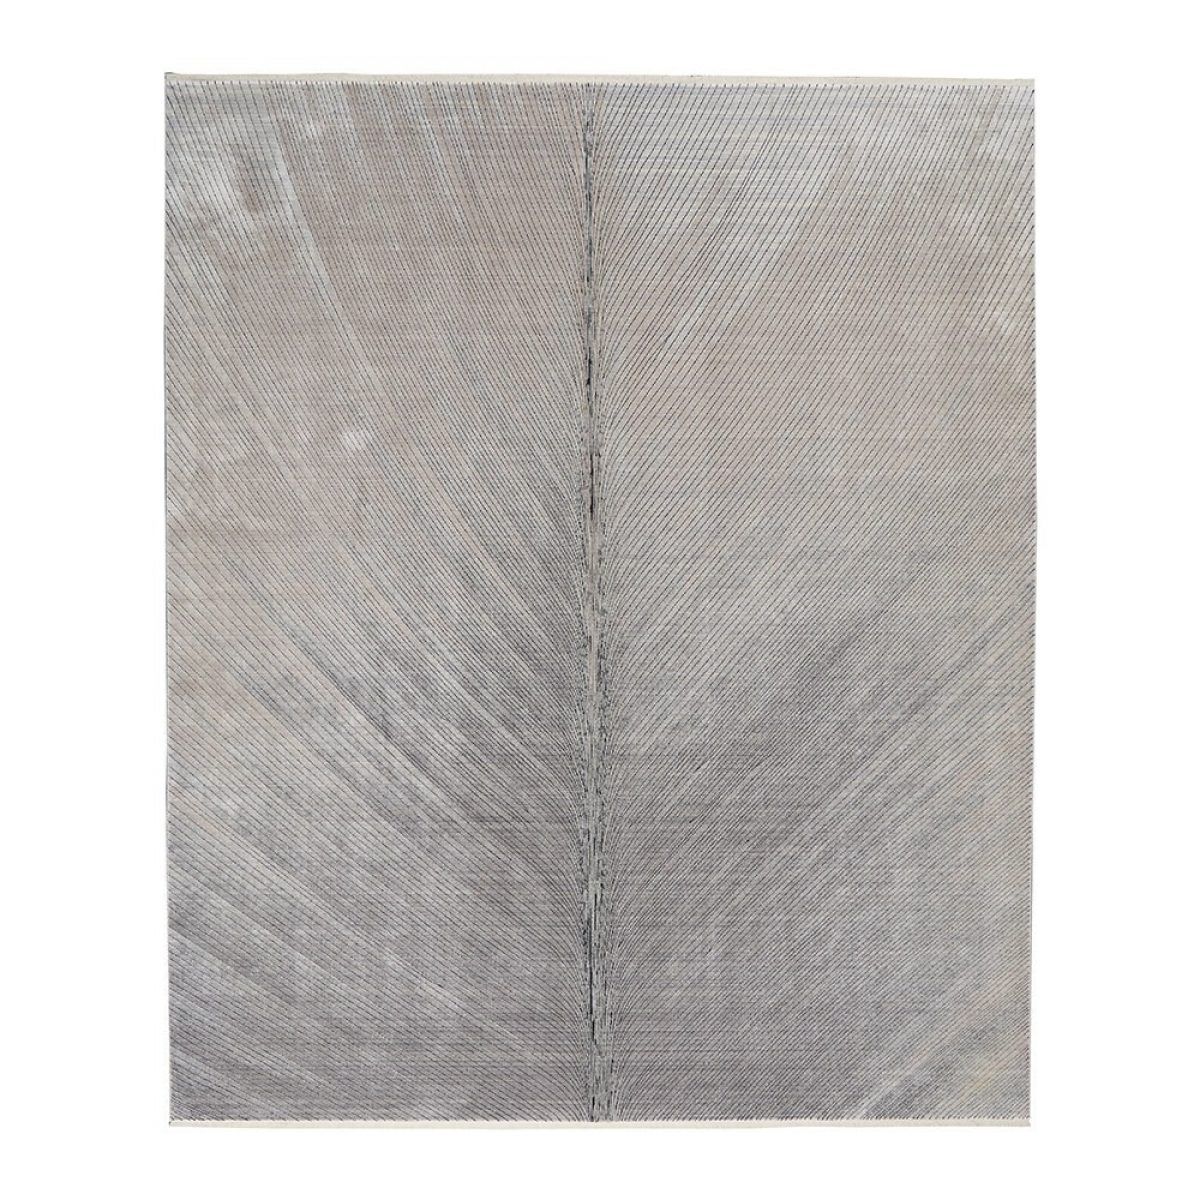 Balian rug silver grey 305x244cm 980194